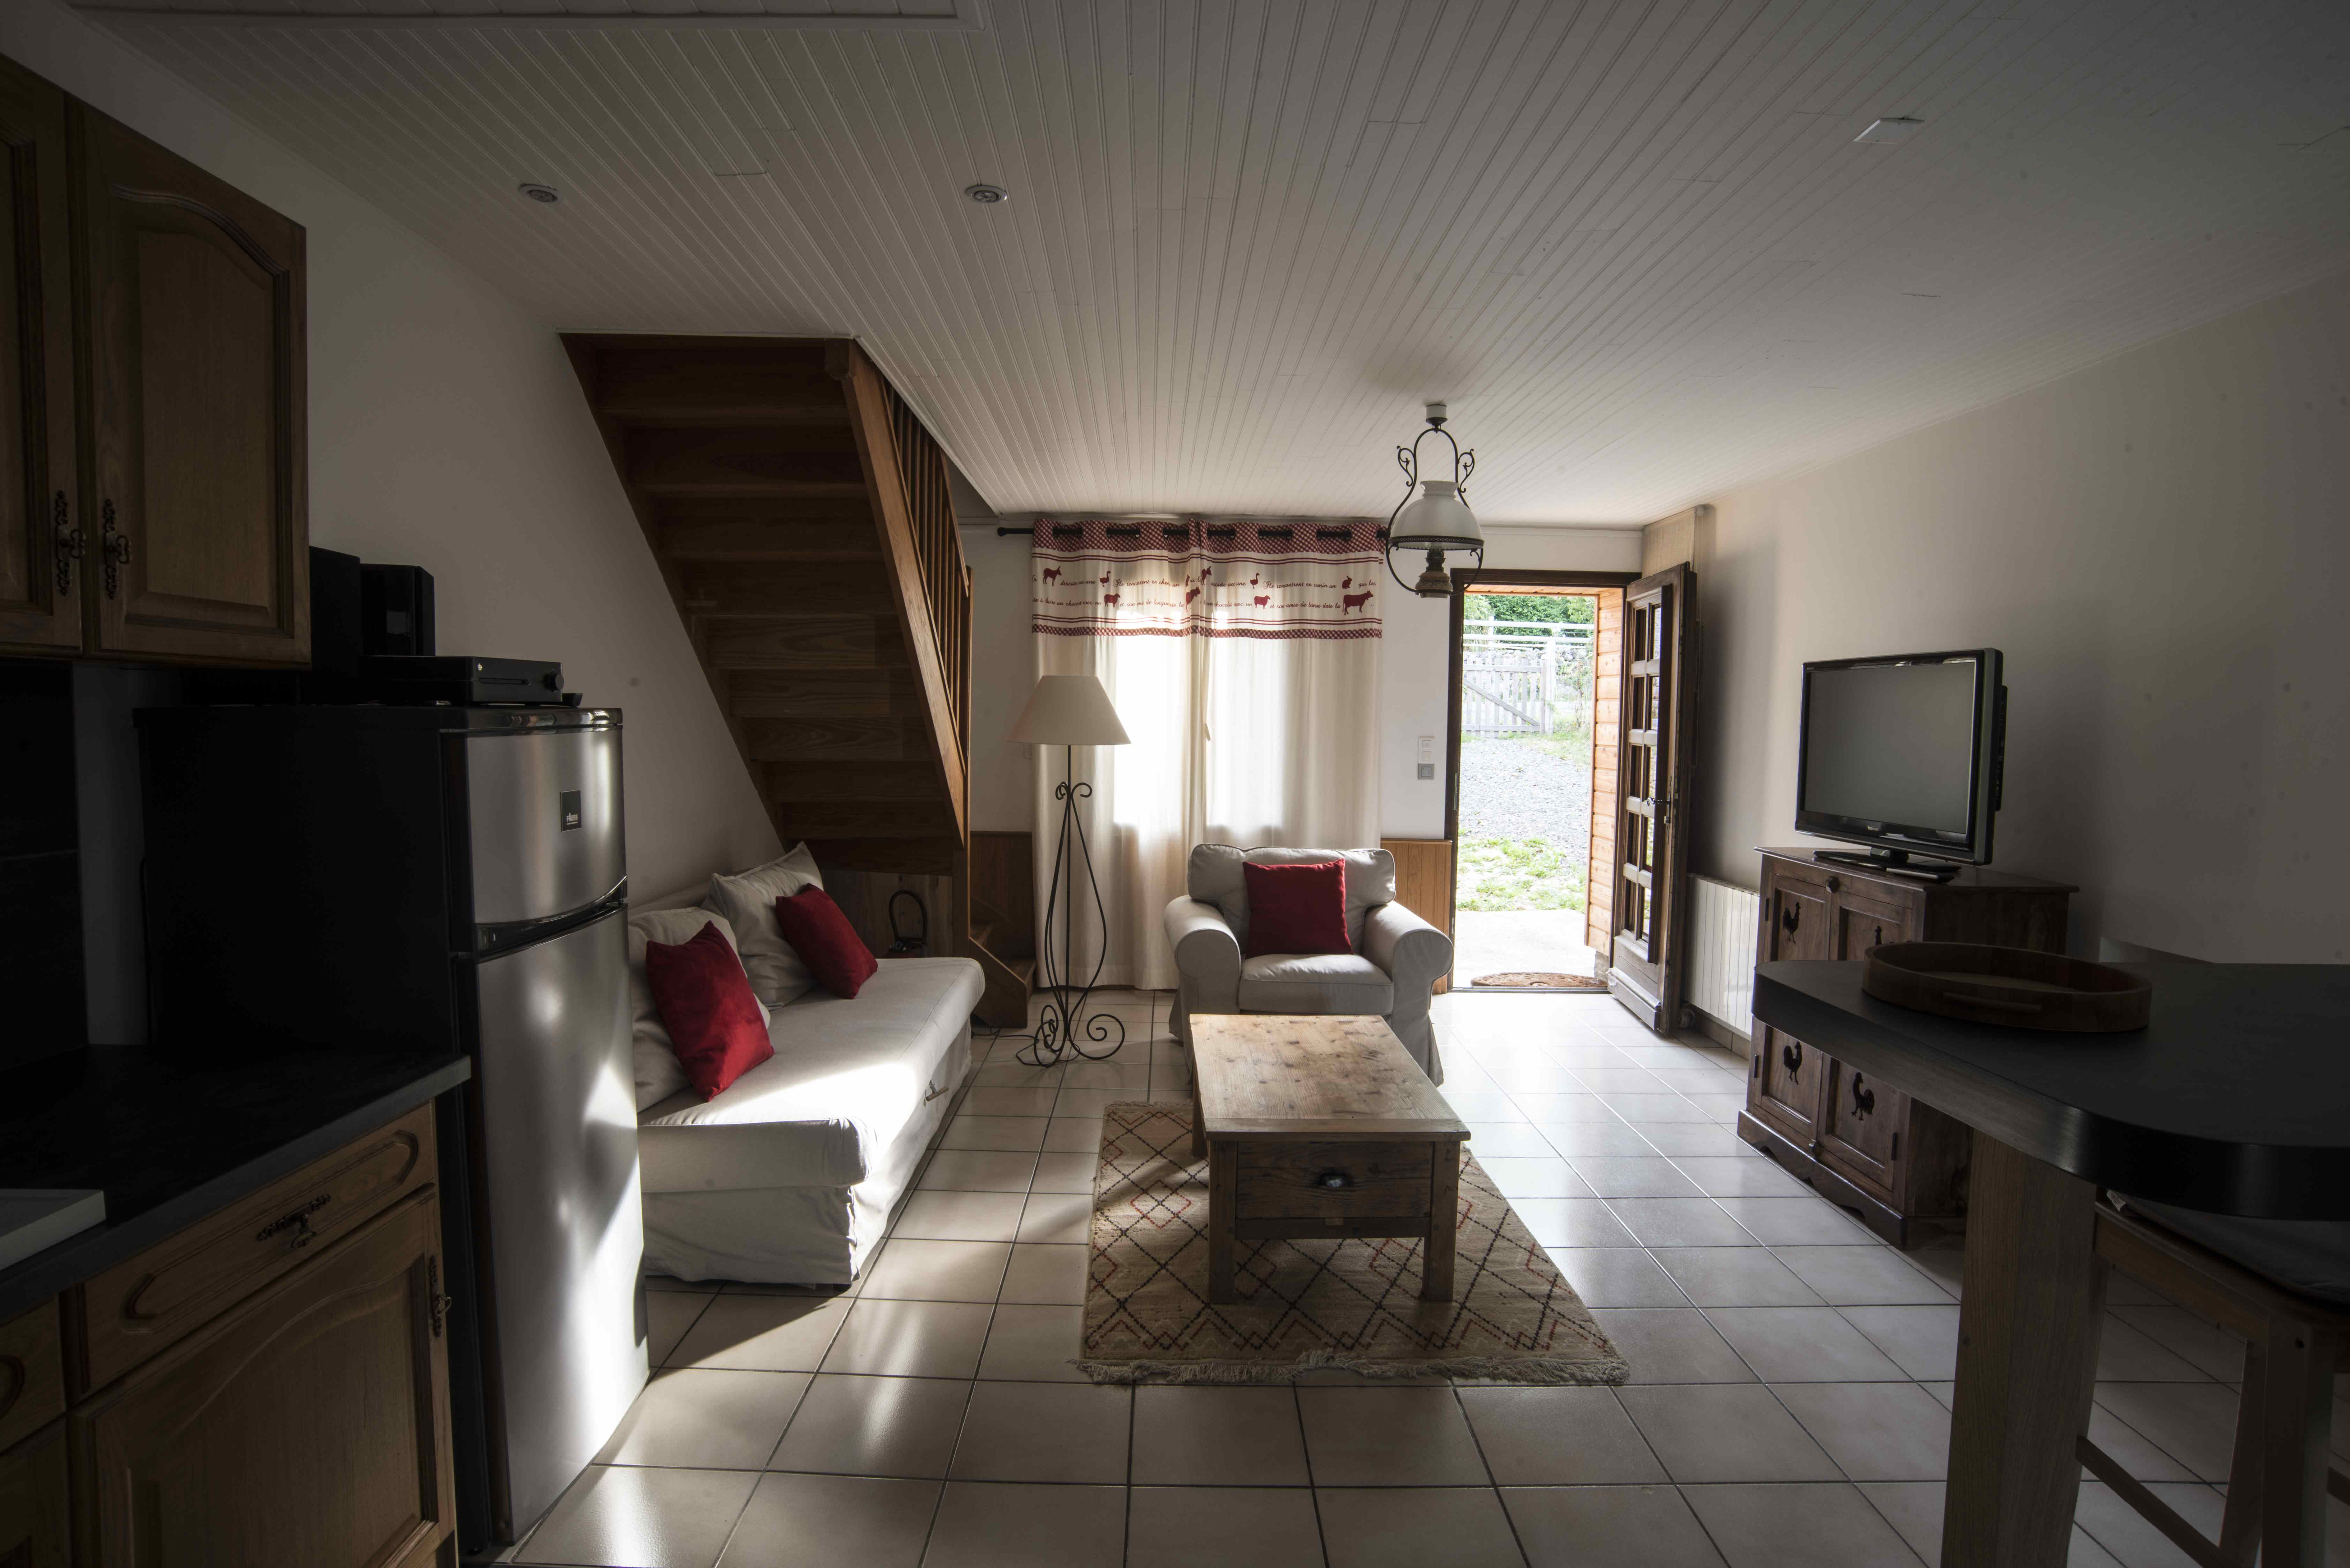 Cheminée, coin cuisine et petit salon indépendants de la Petite Maison